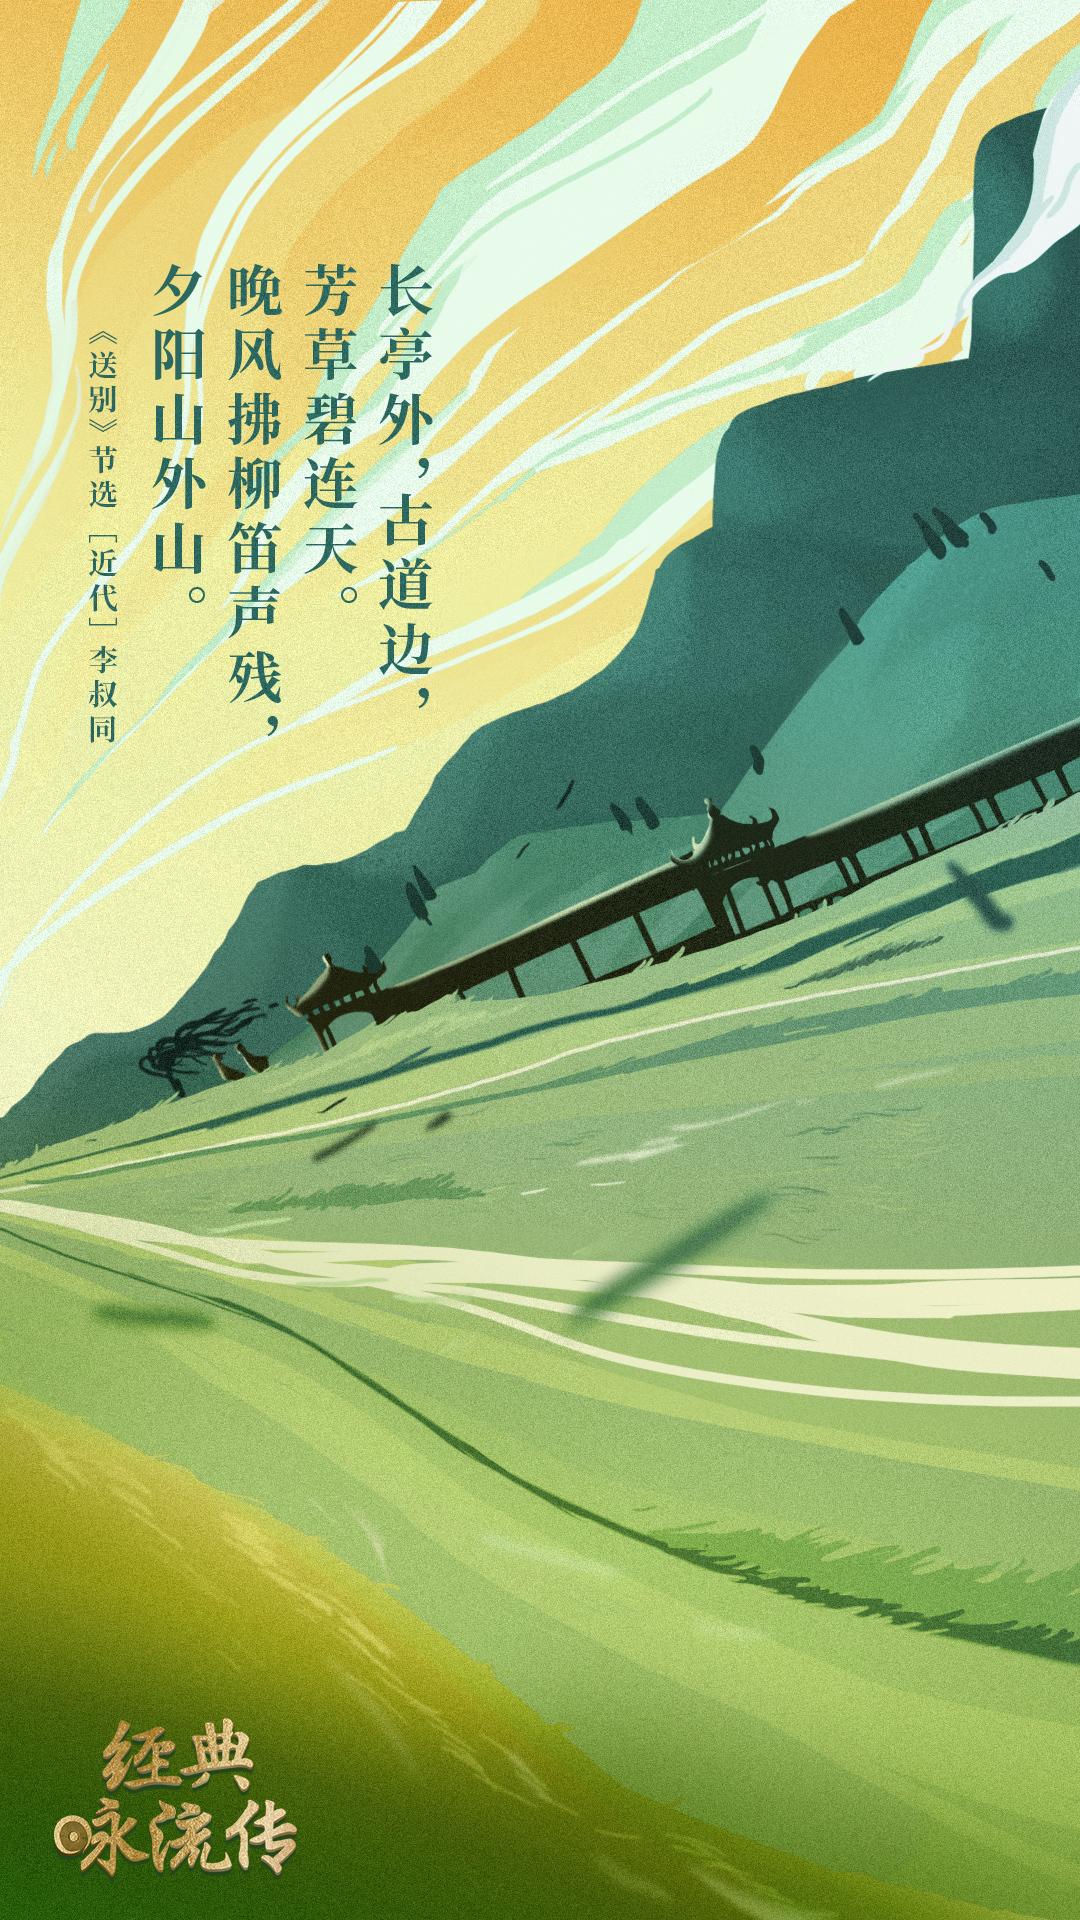 《经典咏流传》诗词意境海报合集 欣赏-第24张